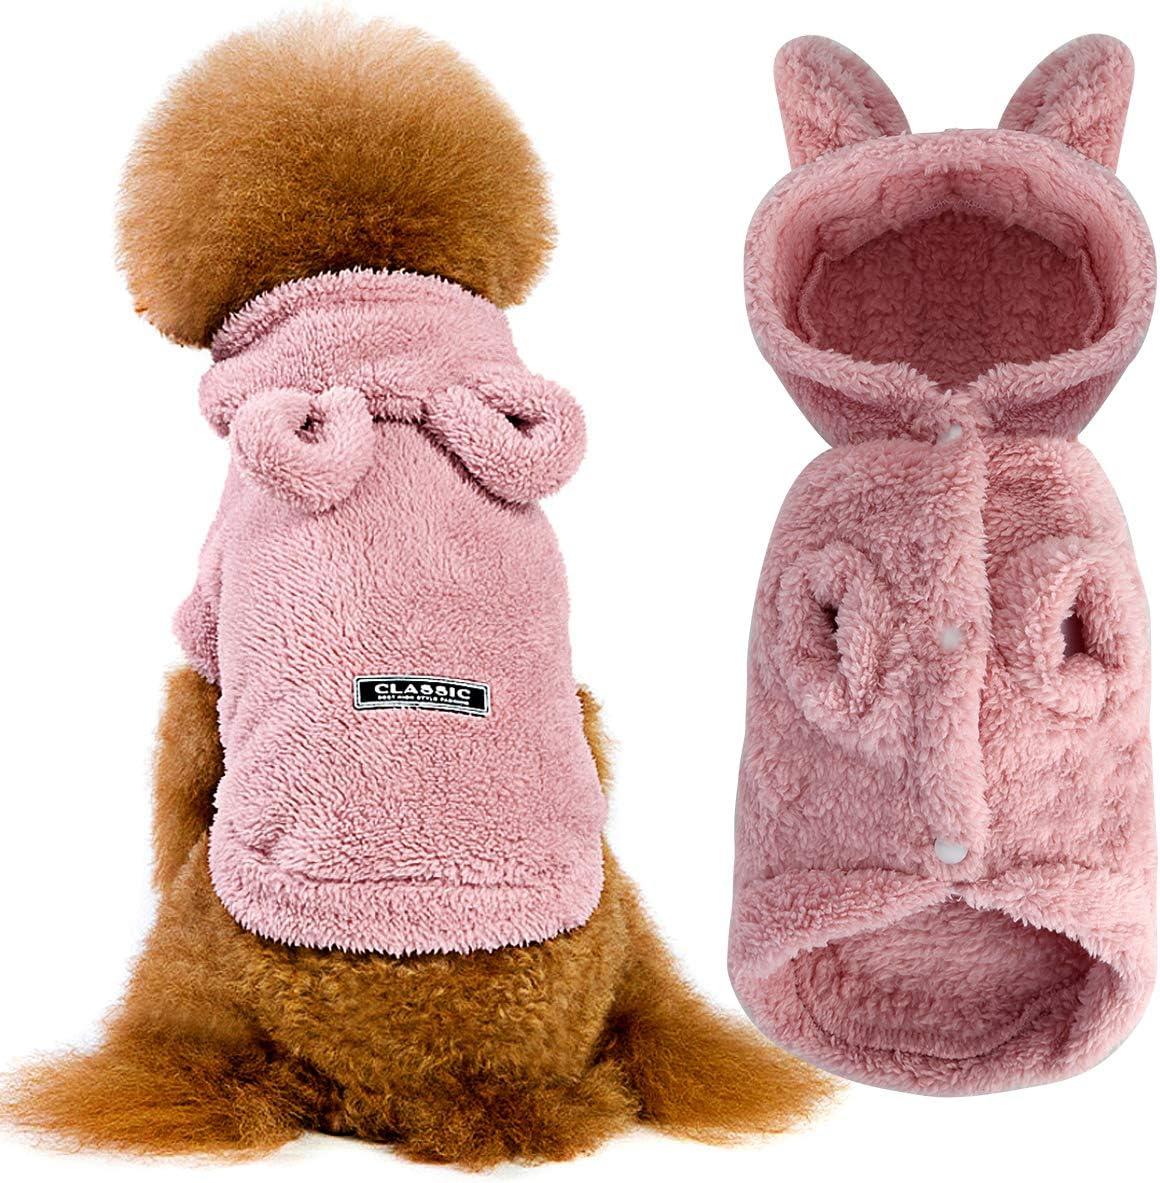 Hundepullover Winter Warm Strick Hoodie Hundepulli Hund Pullover Hundebekleidung Hund Kleidung Chihuahua Kleidung f/ür Kleine Hunde Franz/ösische Bulldogge